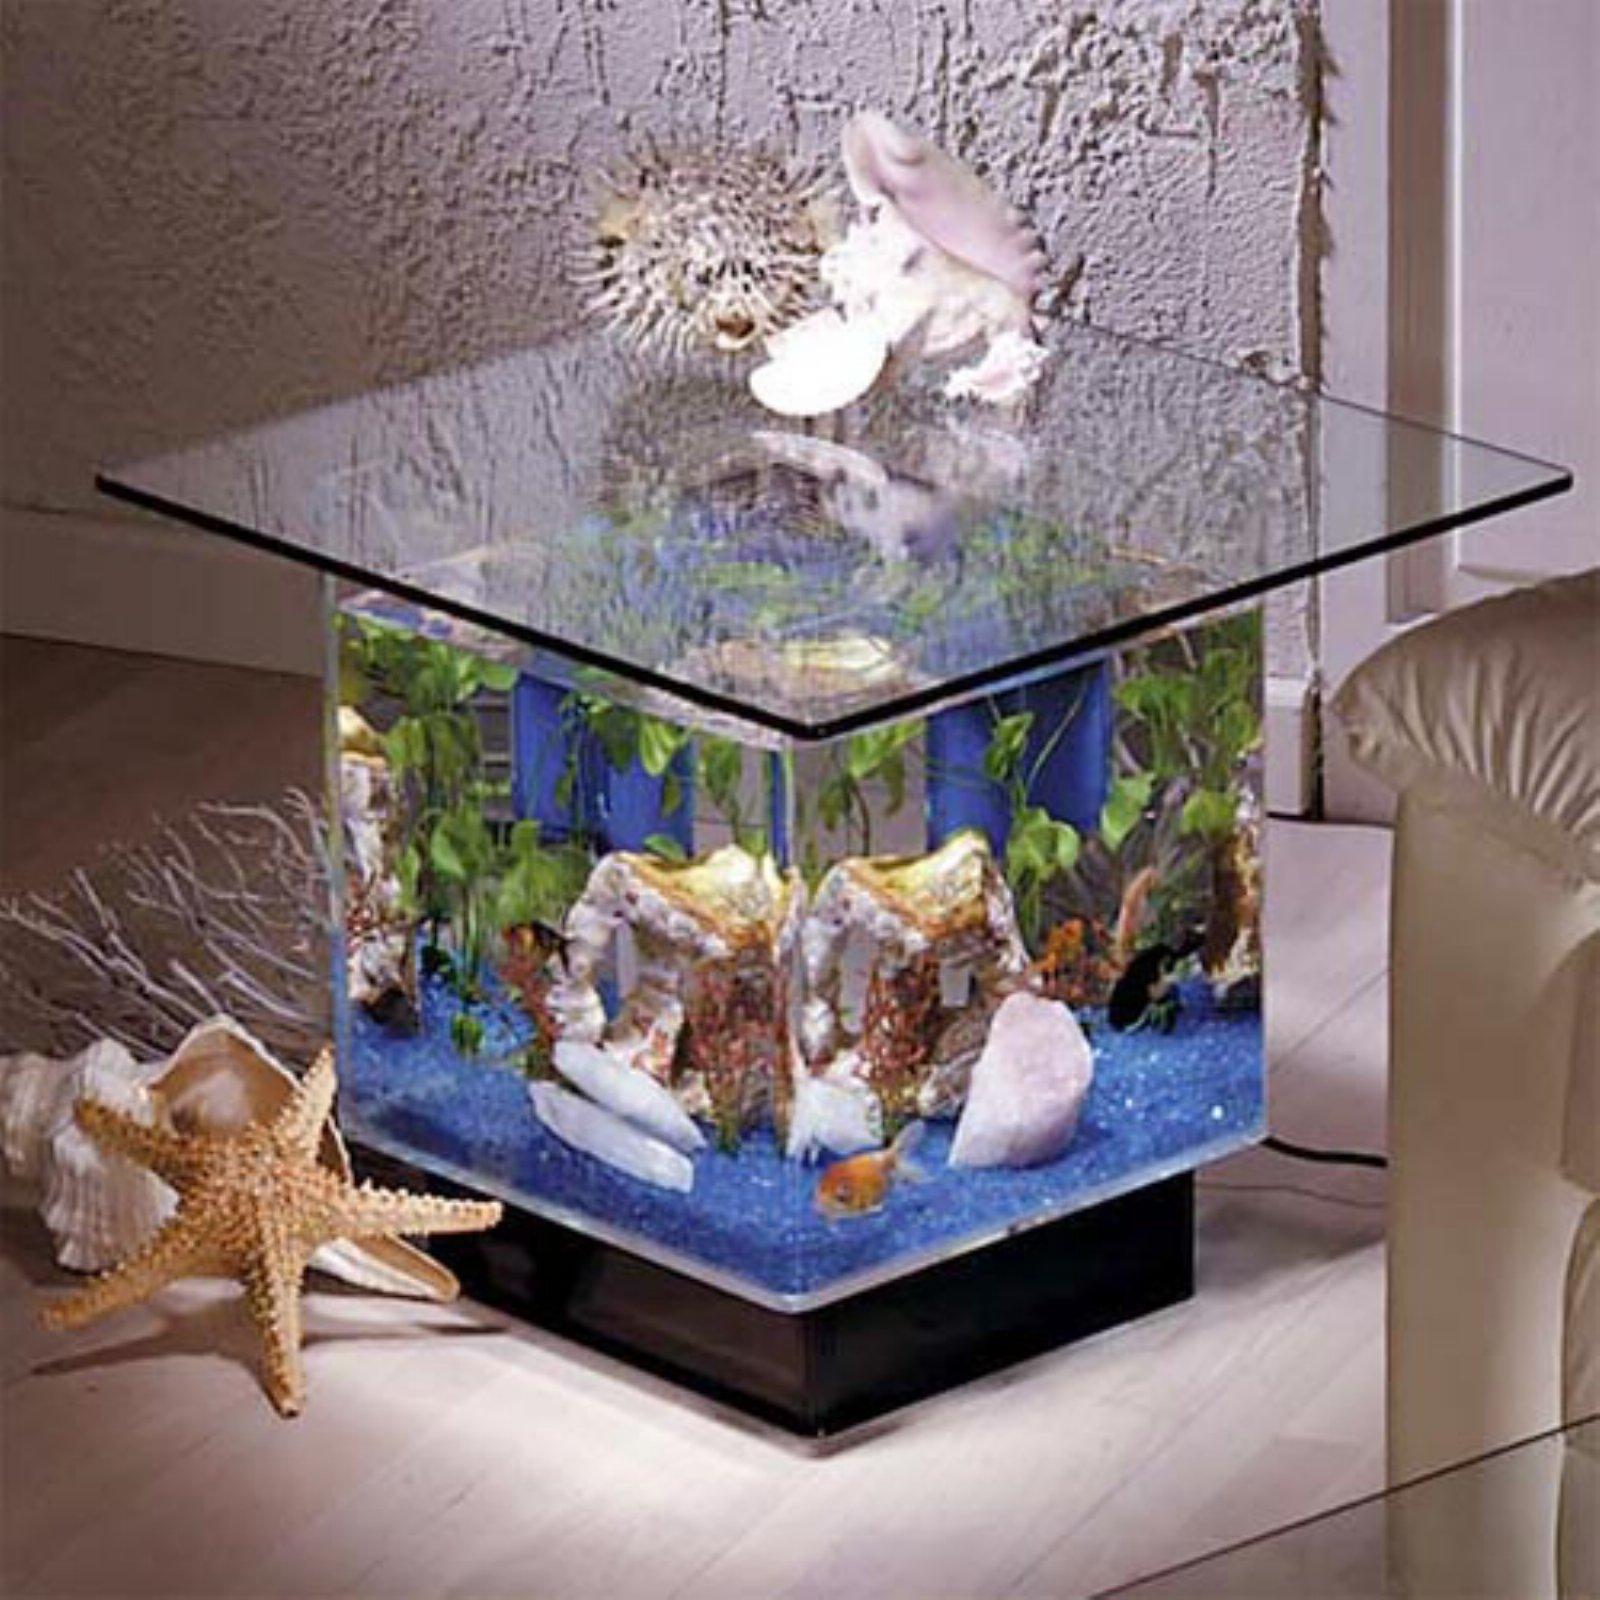 Aqua End Table 15 Gallon Aquarium